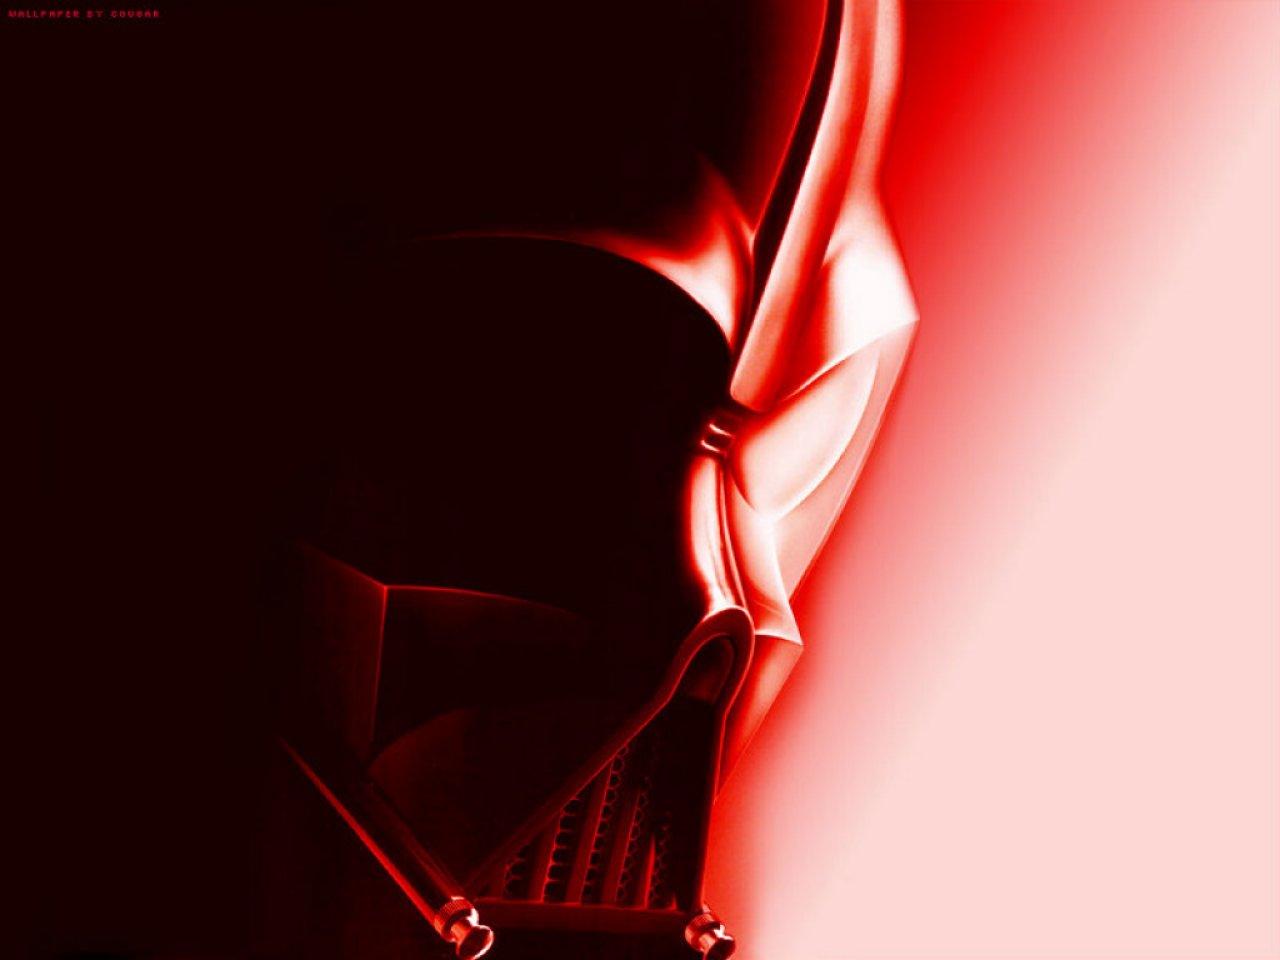 http://2.bp.blogspot.com/_gx7OZdt7Uhs/SwLc8xnWg2I/AAAAAAAAC1s/NMC0JXnakCw/s1600/Darth_Vader_computer-wallpaper.jpg